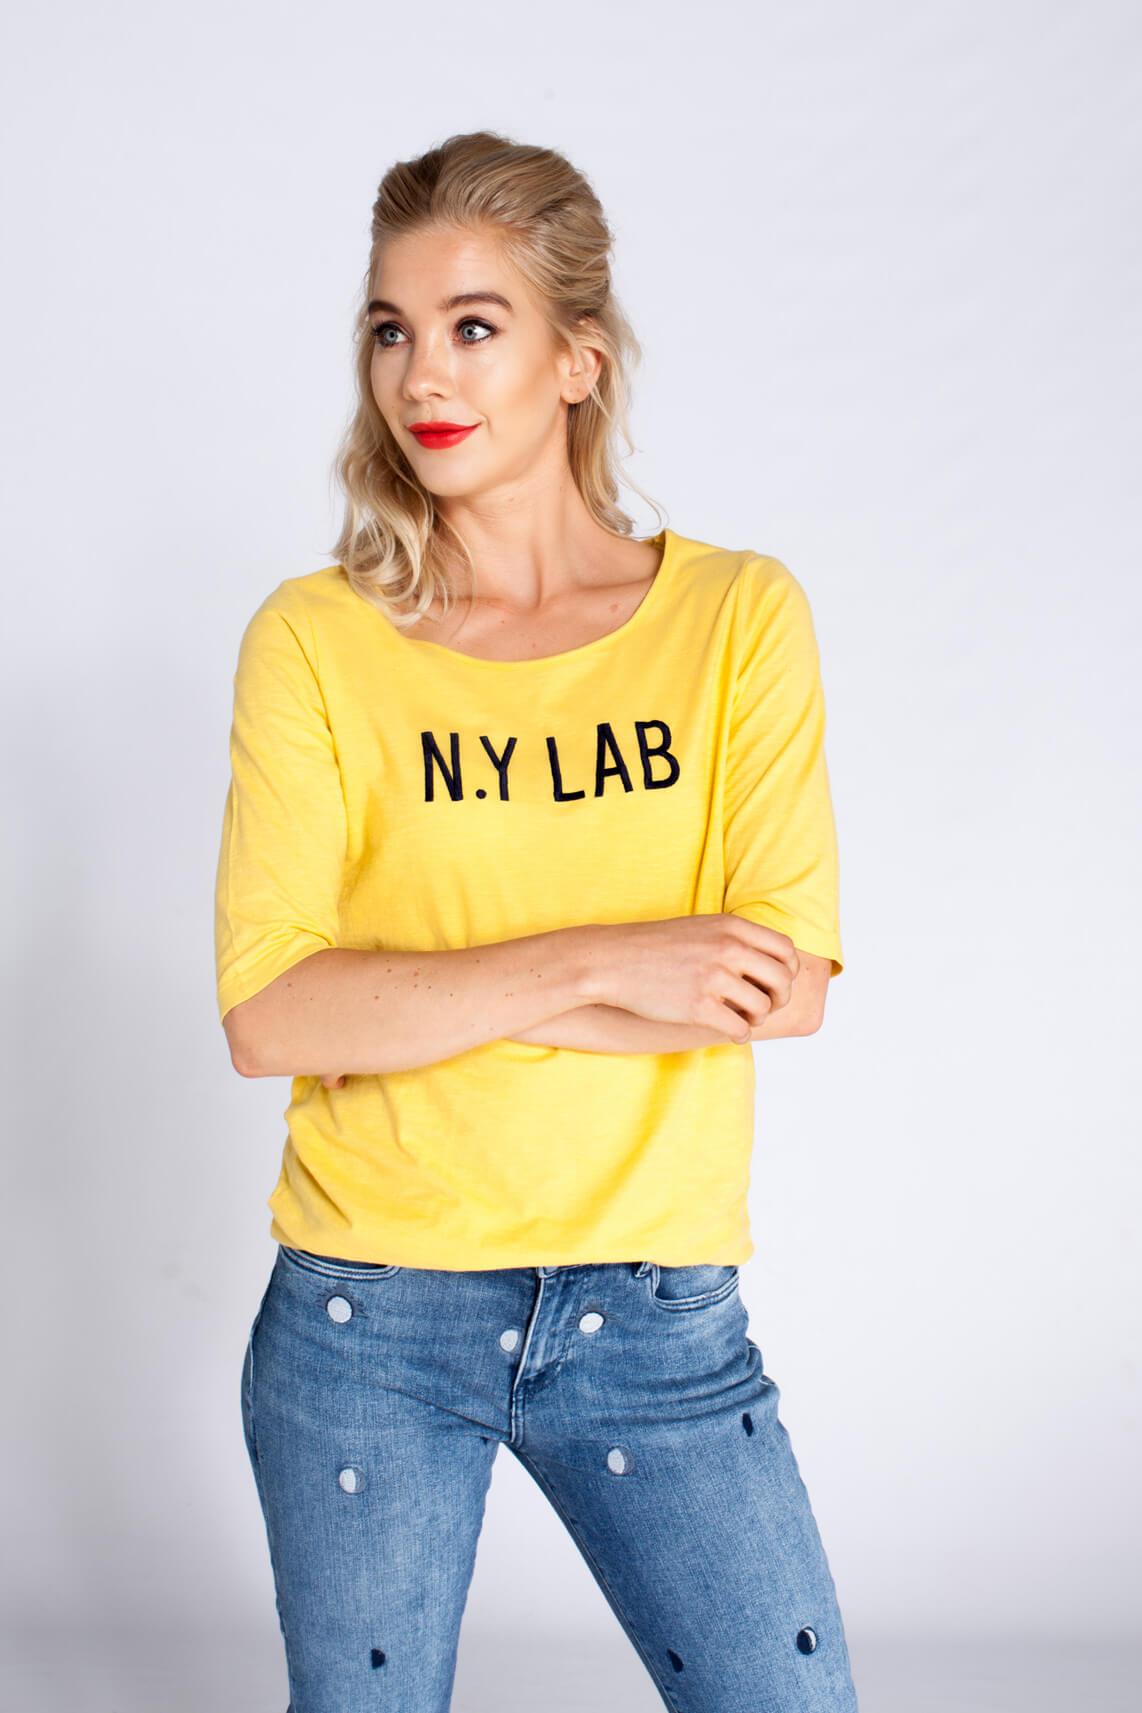 Penn & Ink Dames Shirt N.Y LAB geel